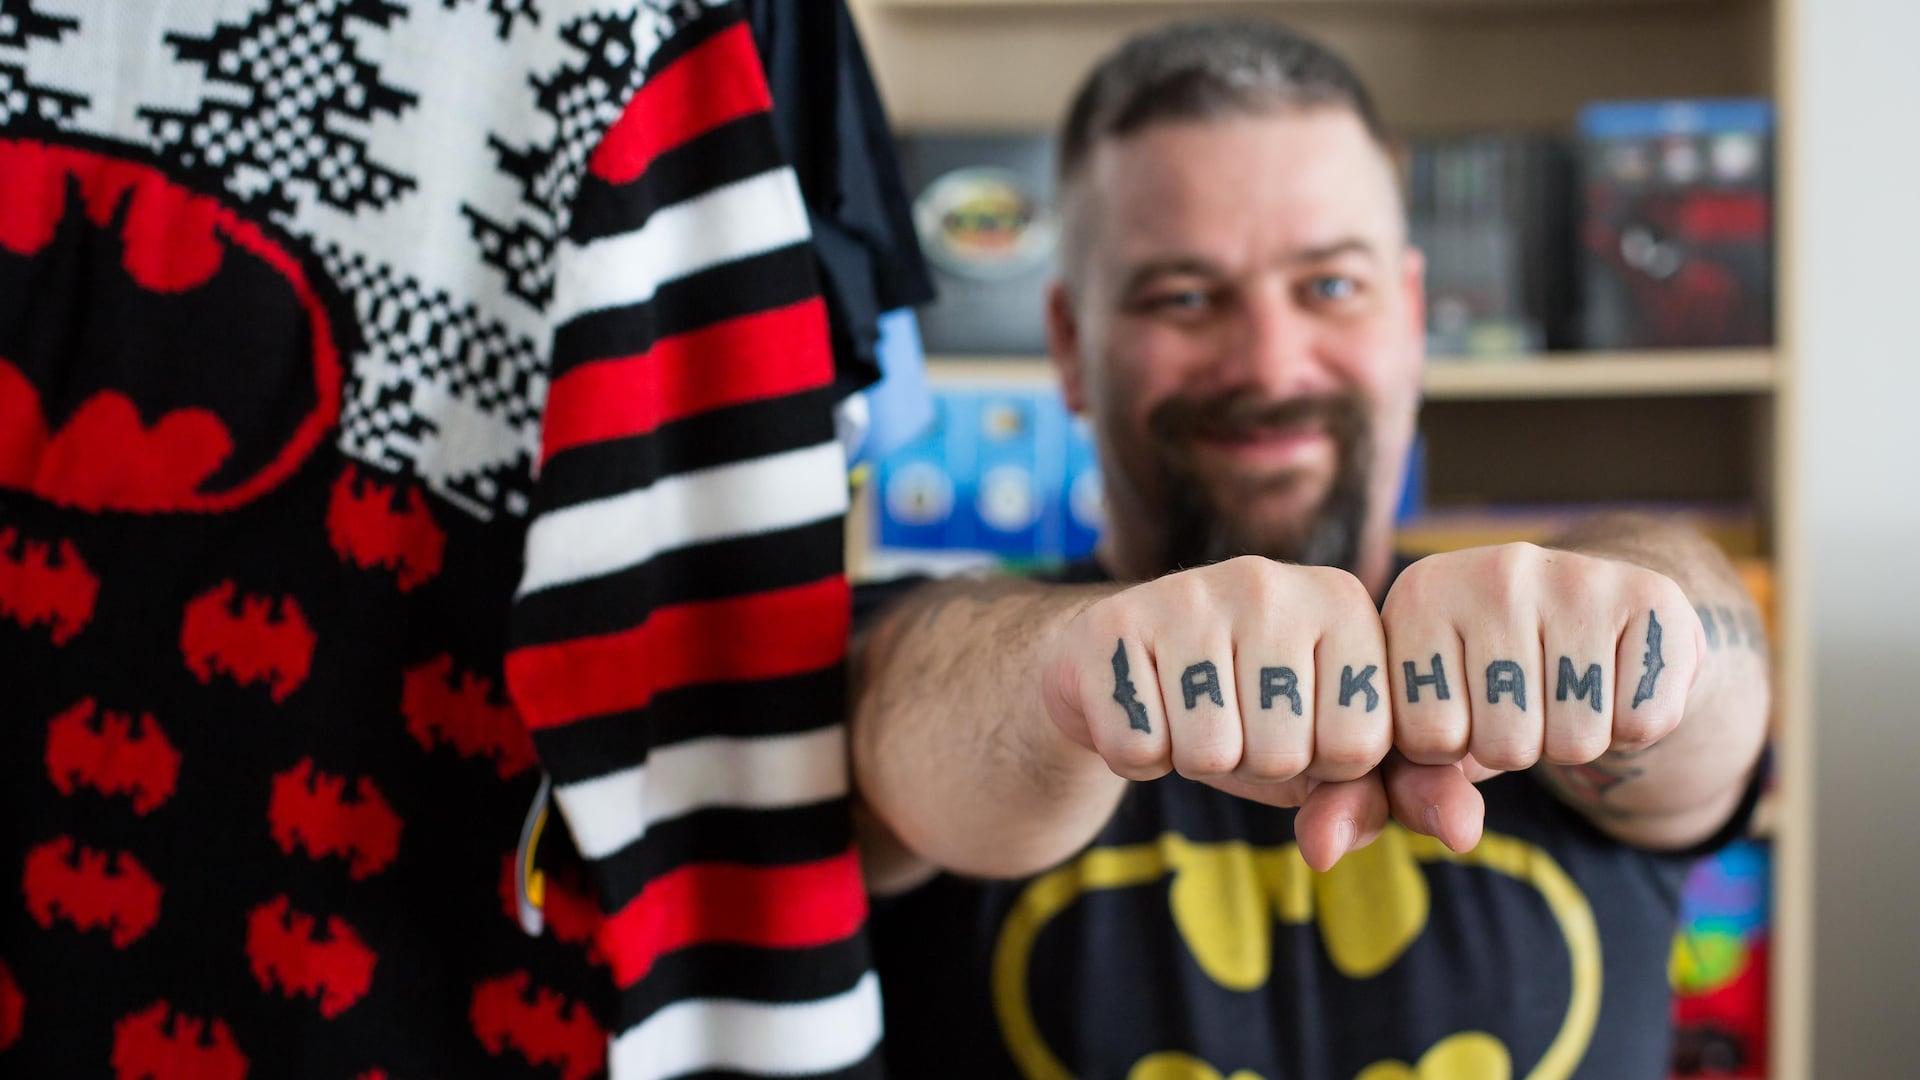 L'homme tient ses poings devant lui et chacune des lettres d'Arkham est tatouée sur un doigt différent.